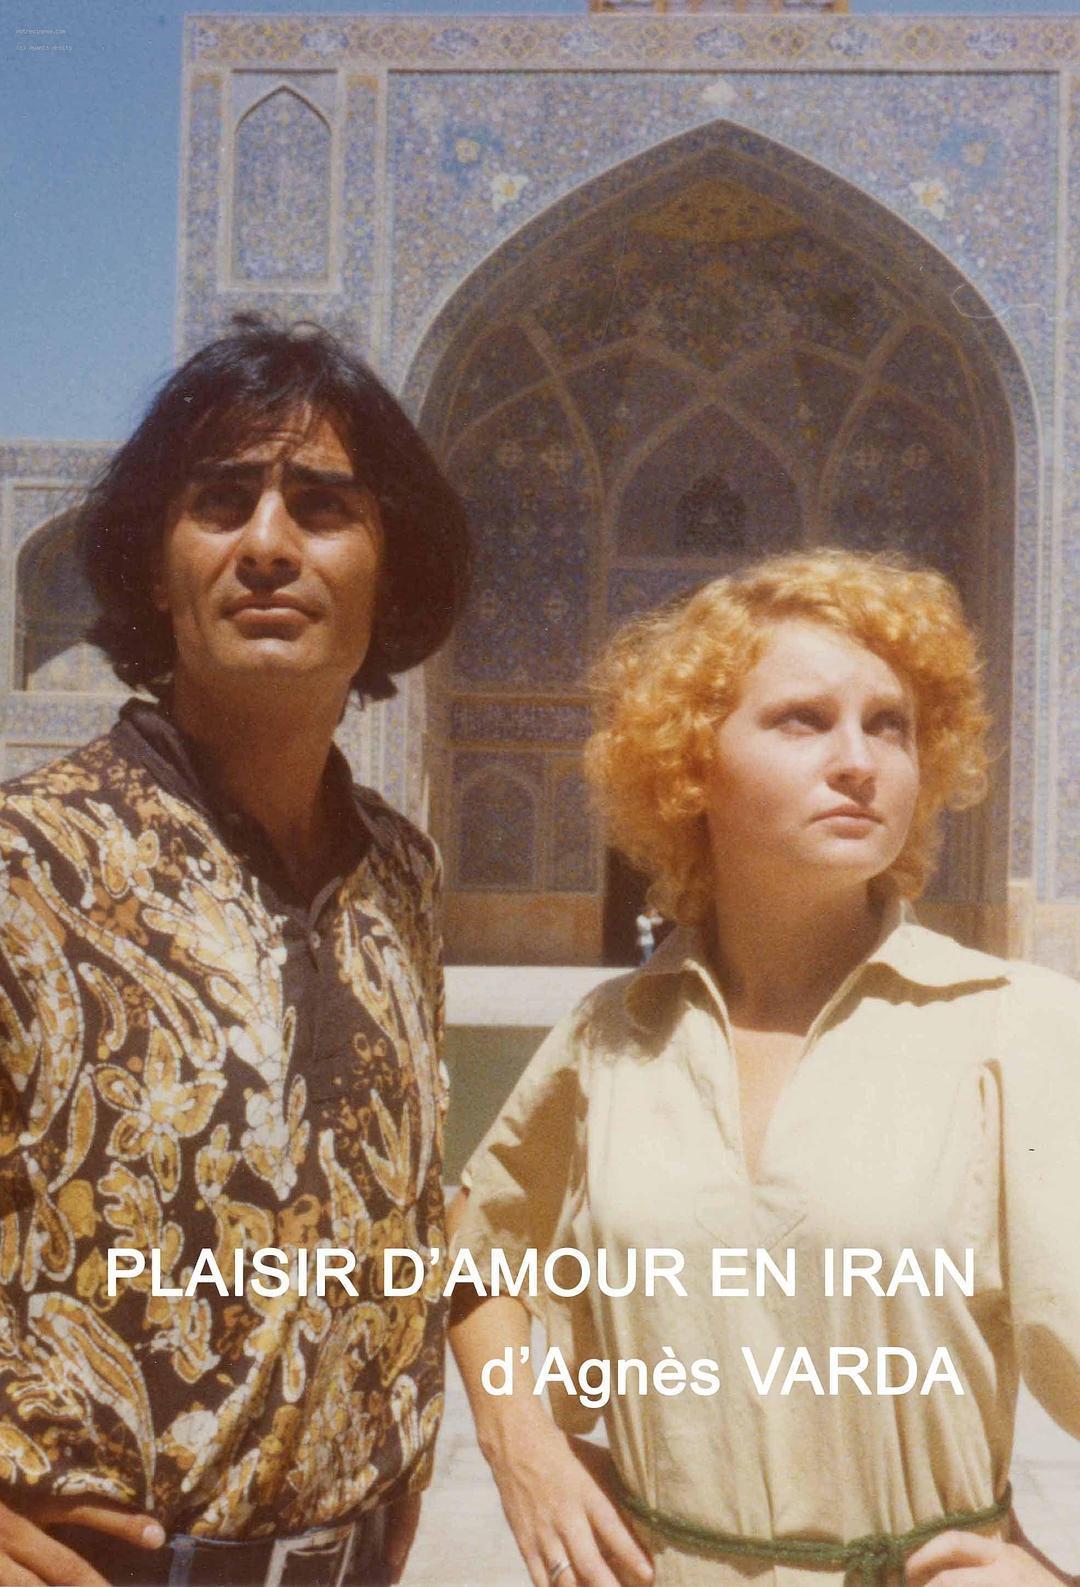 爱的愉悦在伊朗